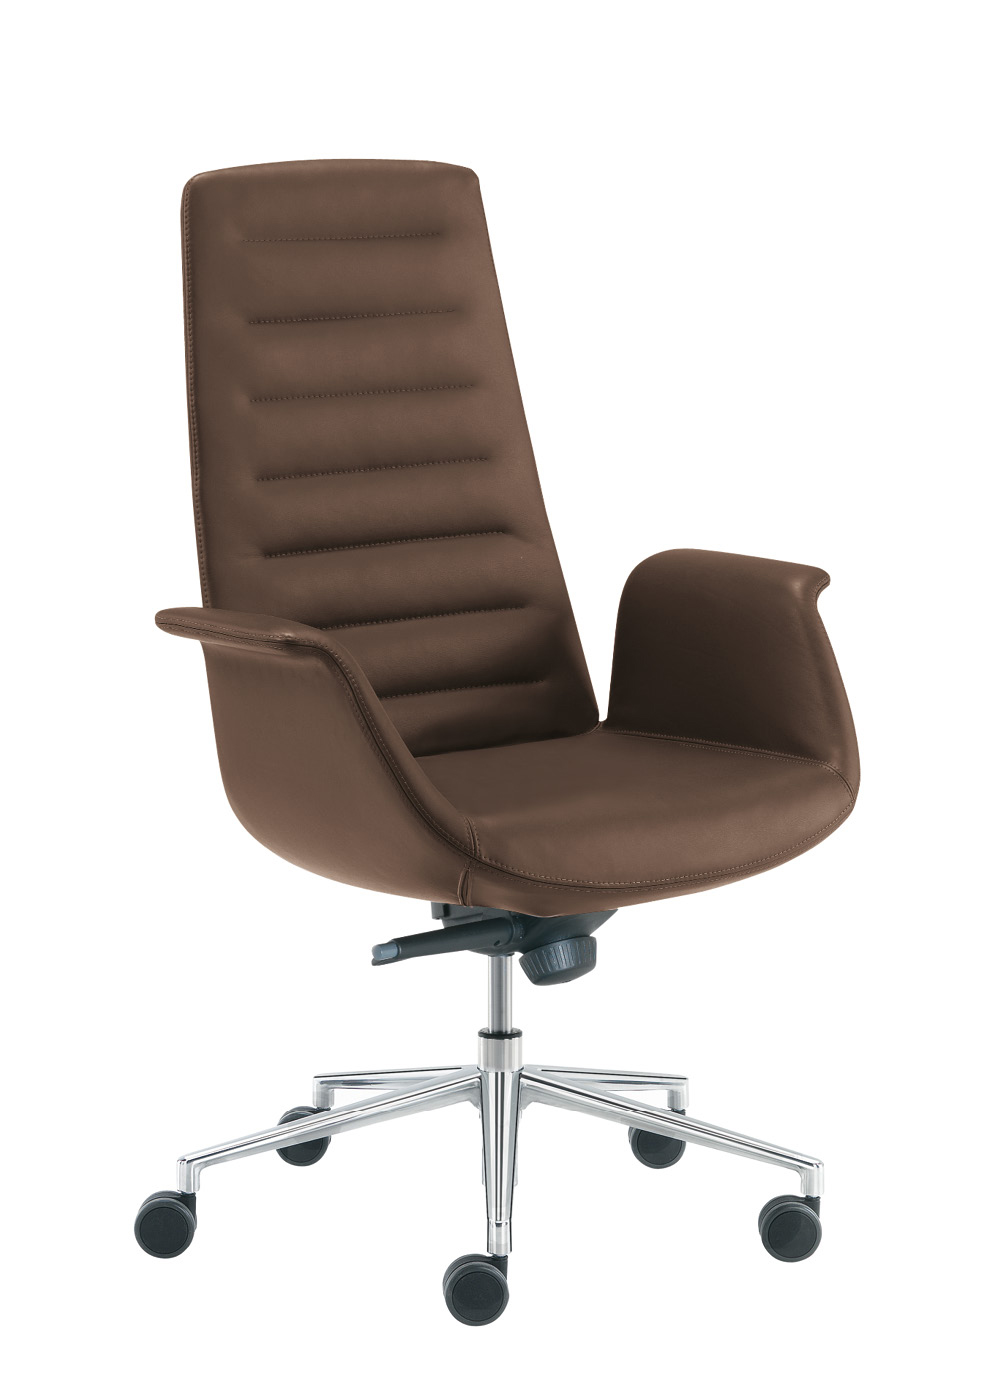 fauteuil de direction design montpellier 34 n mes 30